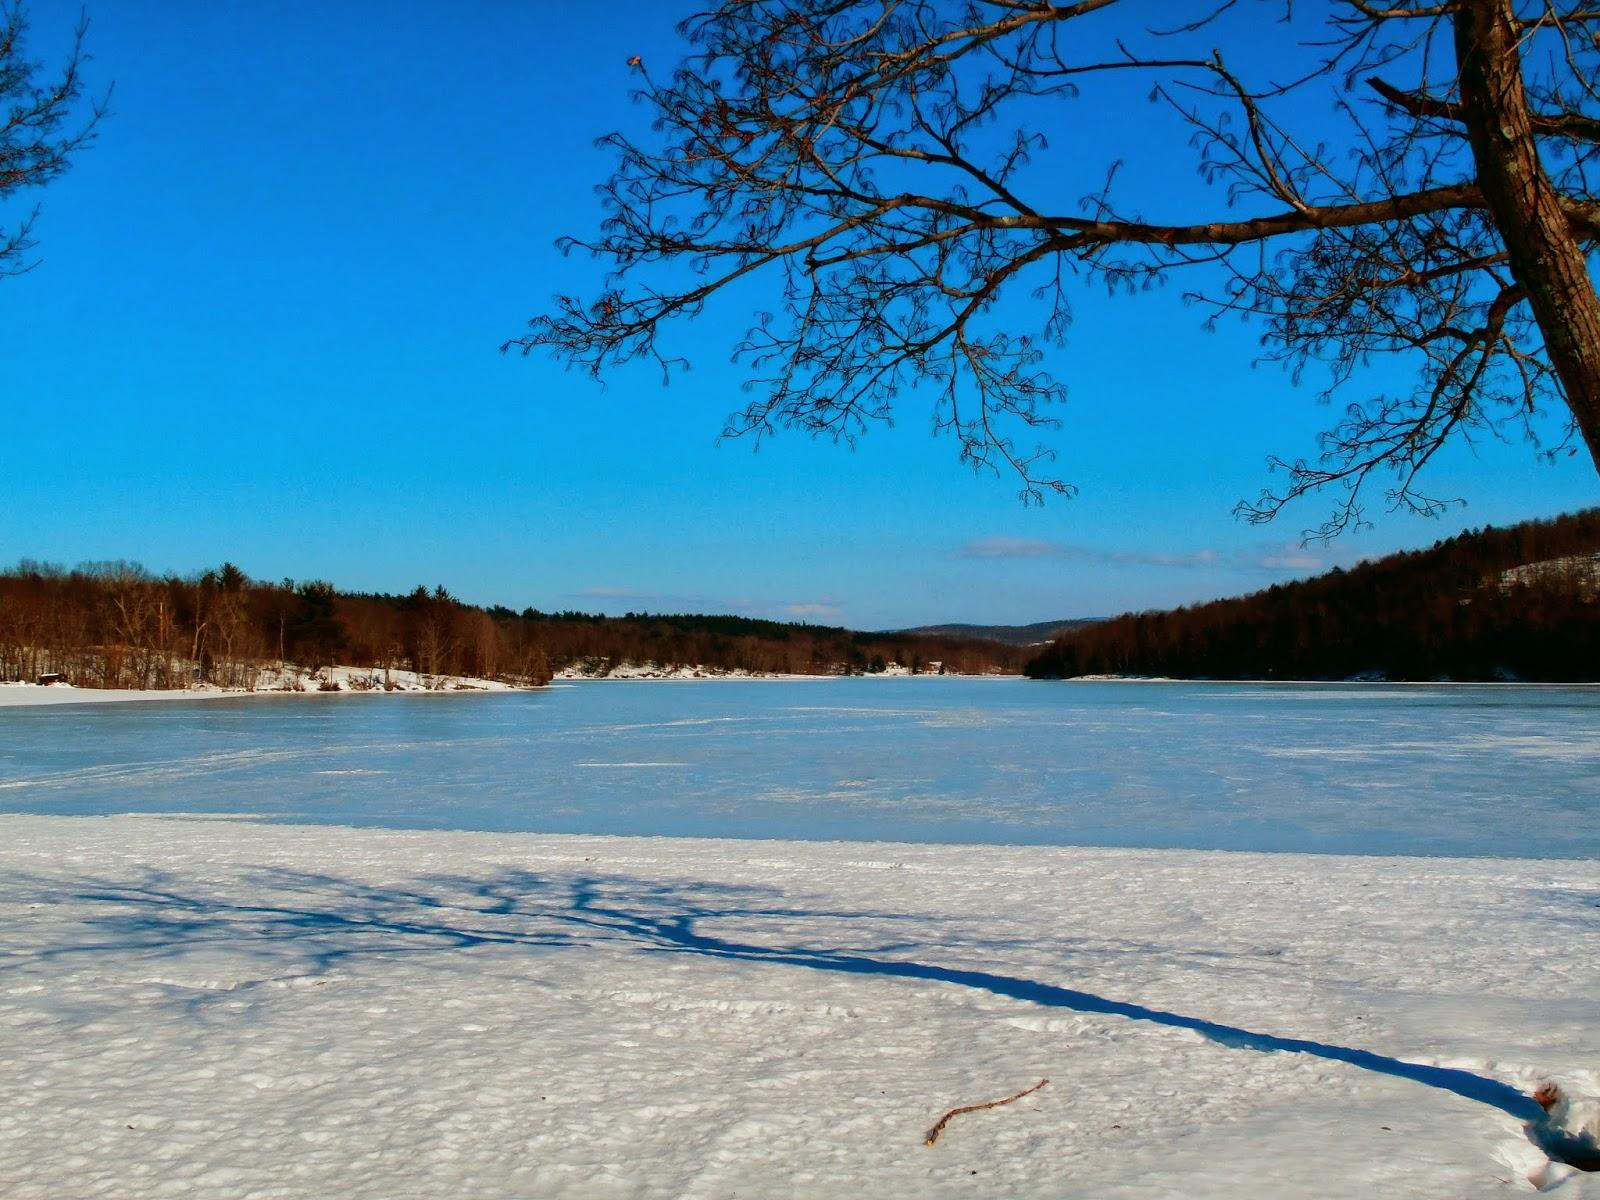 Walking Man 24 7 Lake Taghkanic State Park